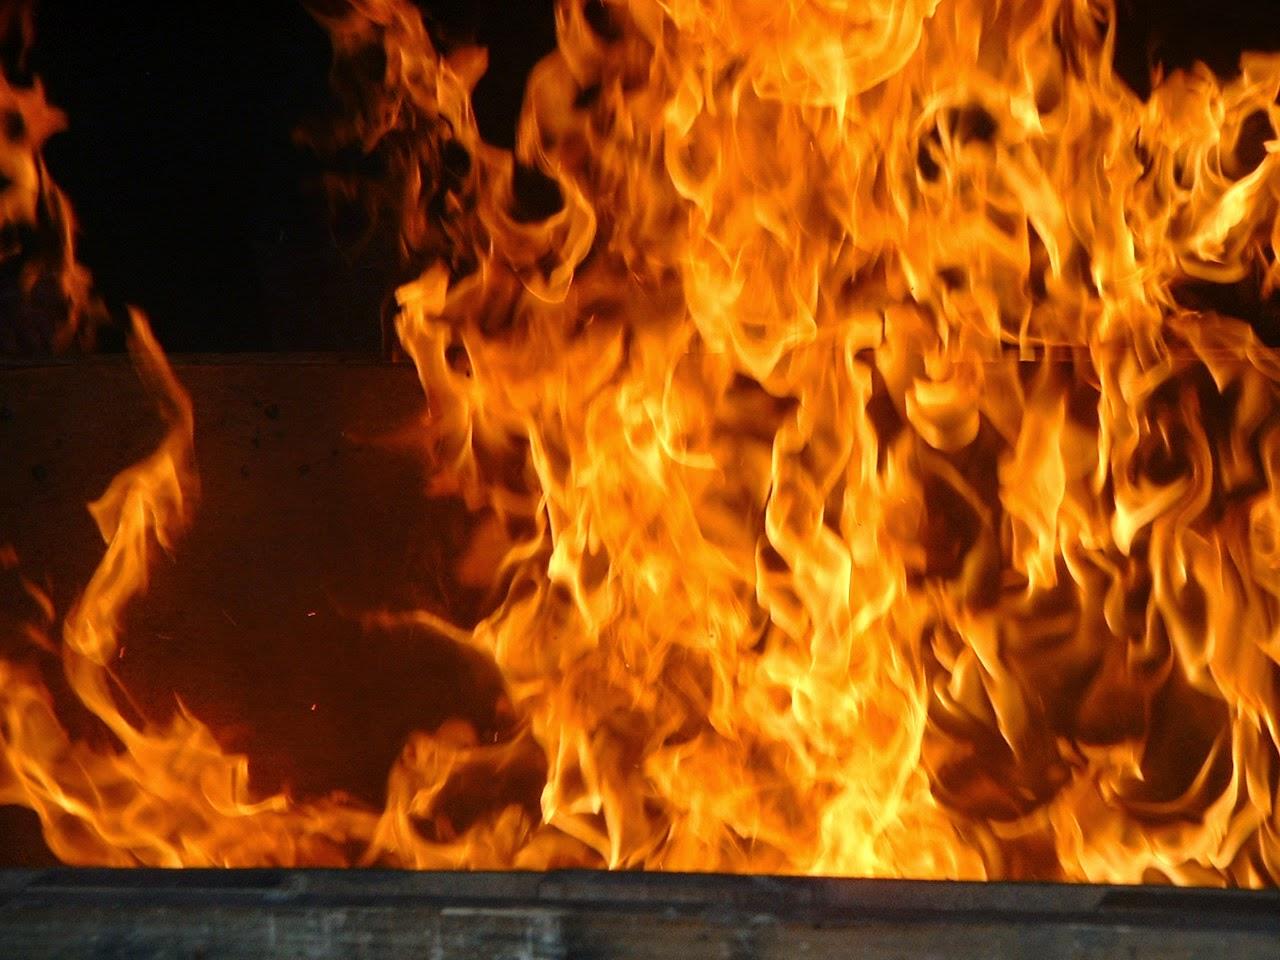 Enseignement de Jésus : Existence de l'Enfer  Flamme